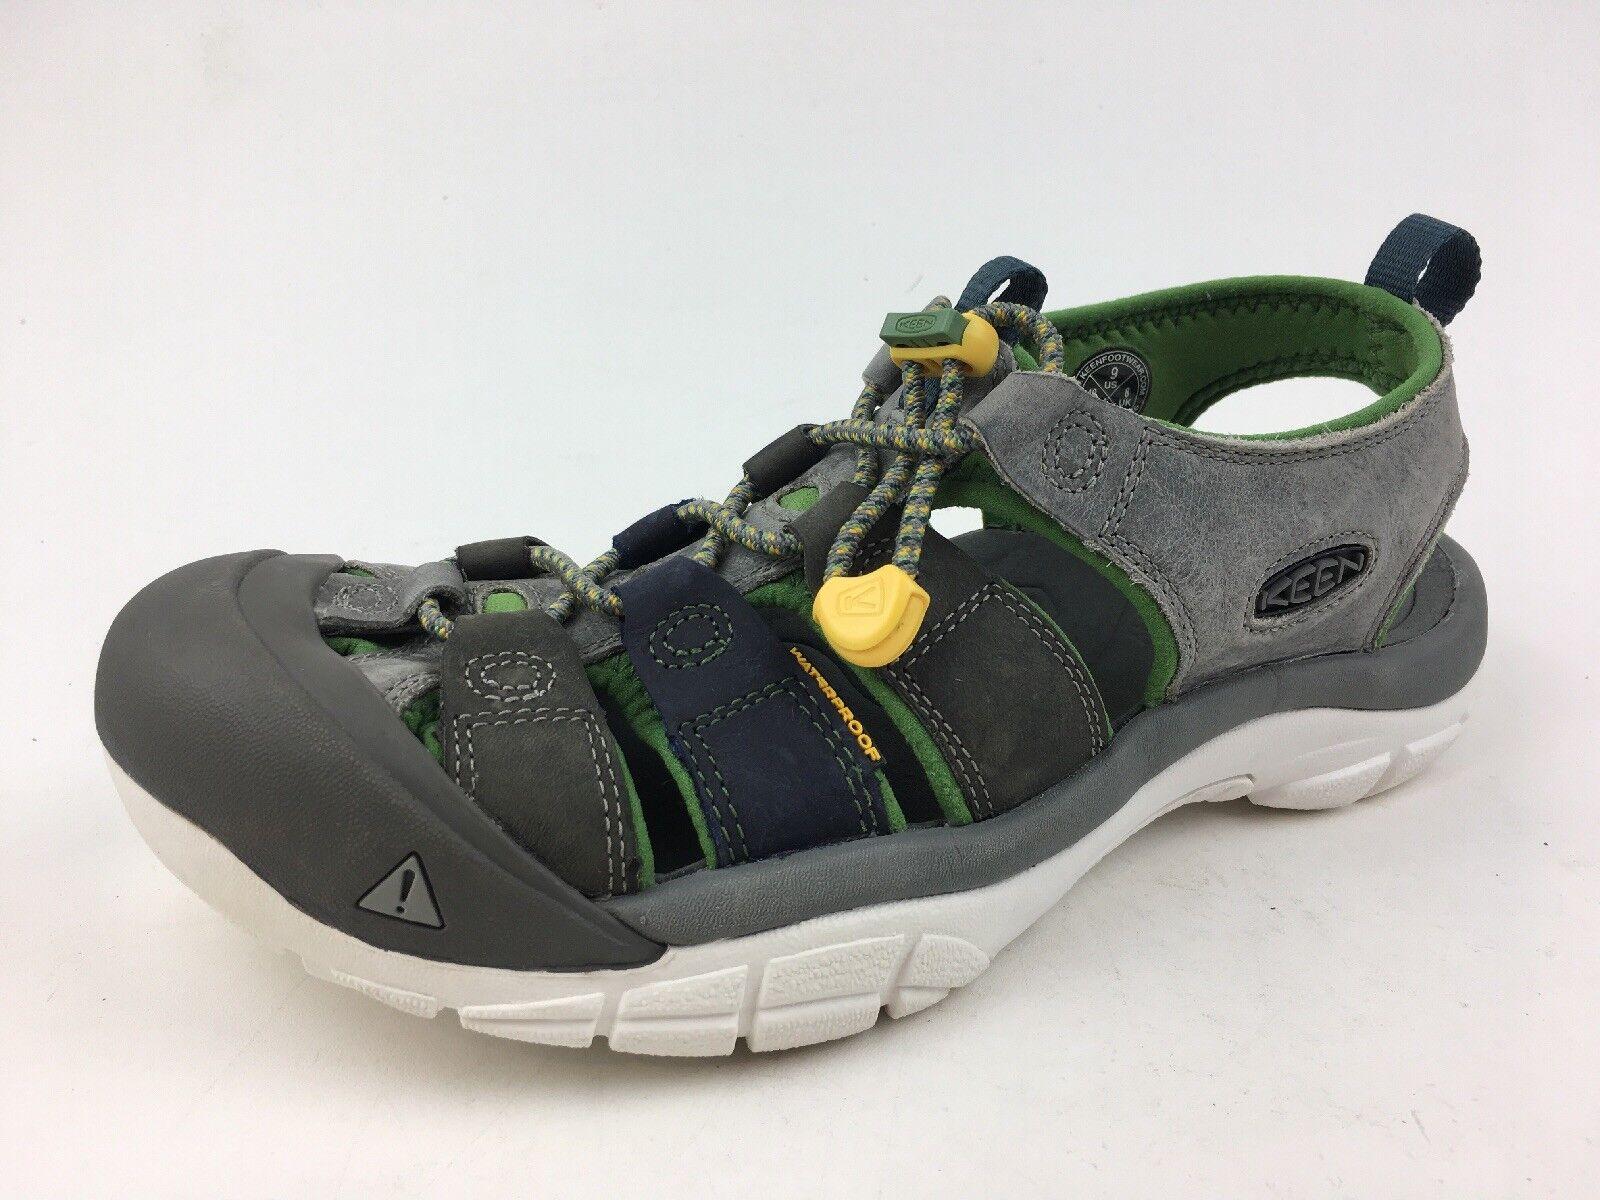 Keen Keen Keen Newport Evo Sandals Men's Size US 9, 42 Gargoyle  Florite  273 93582b